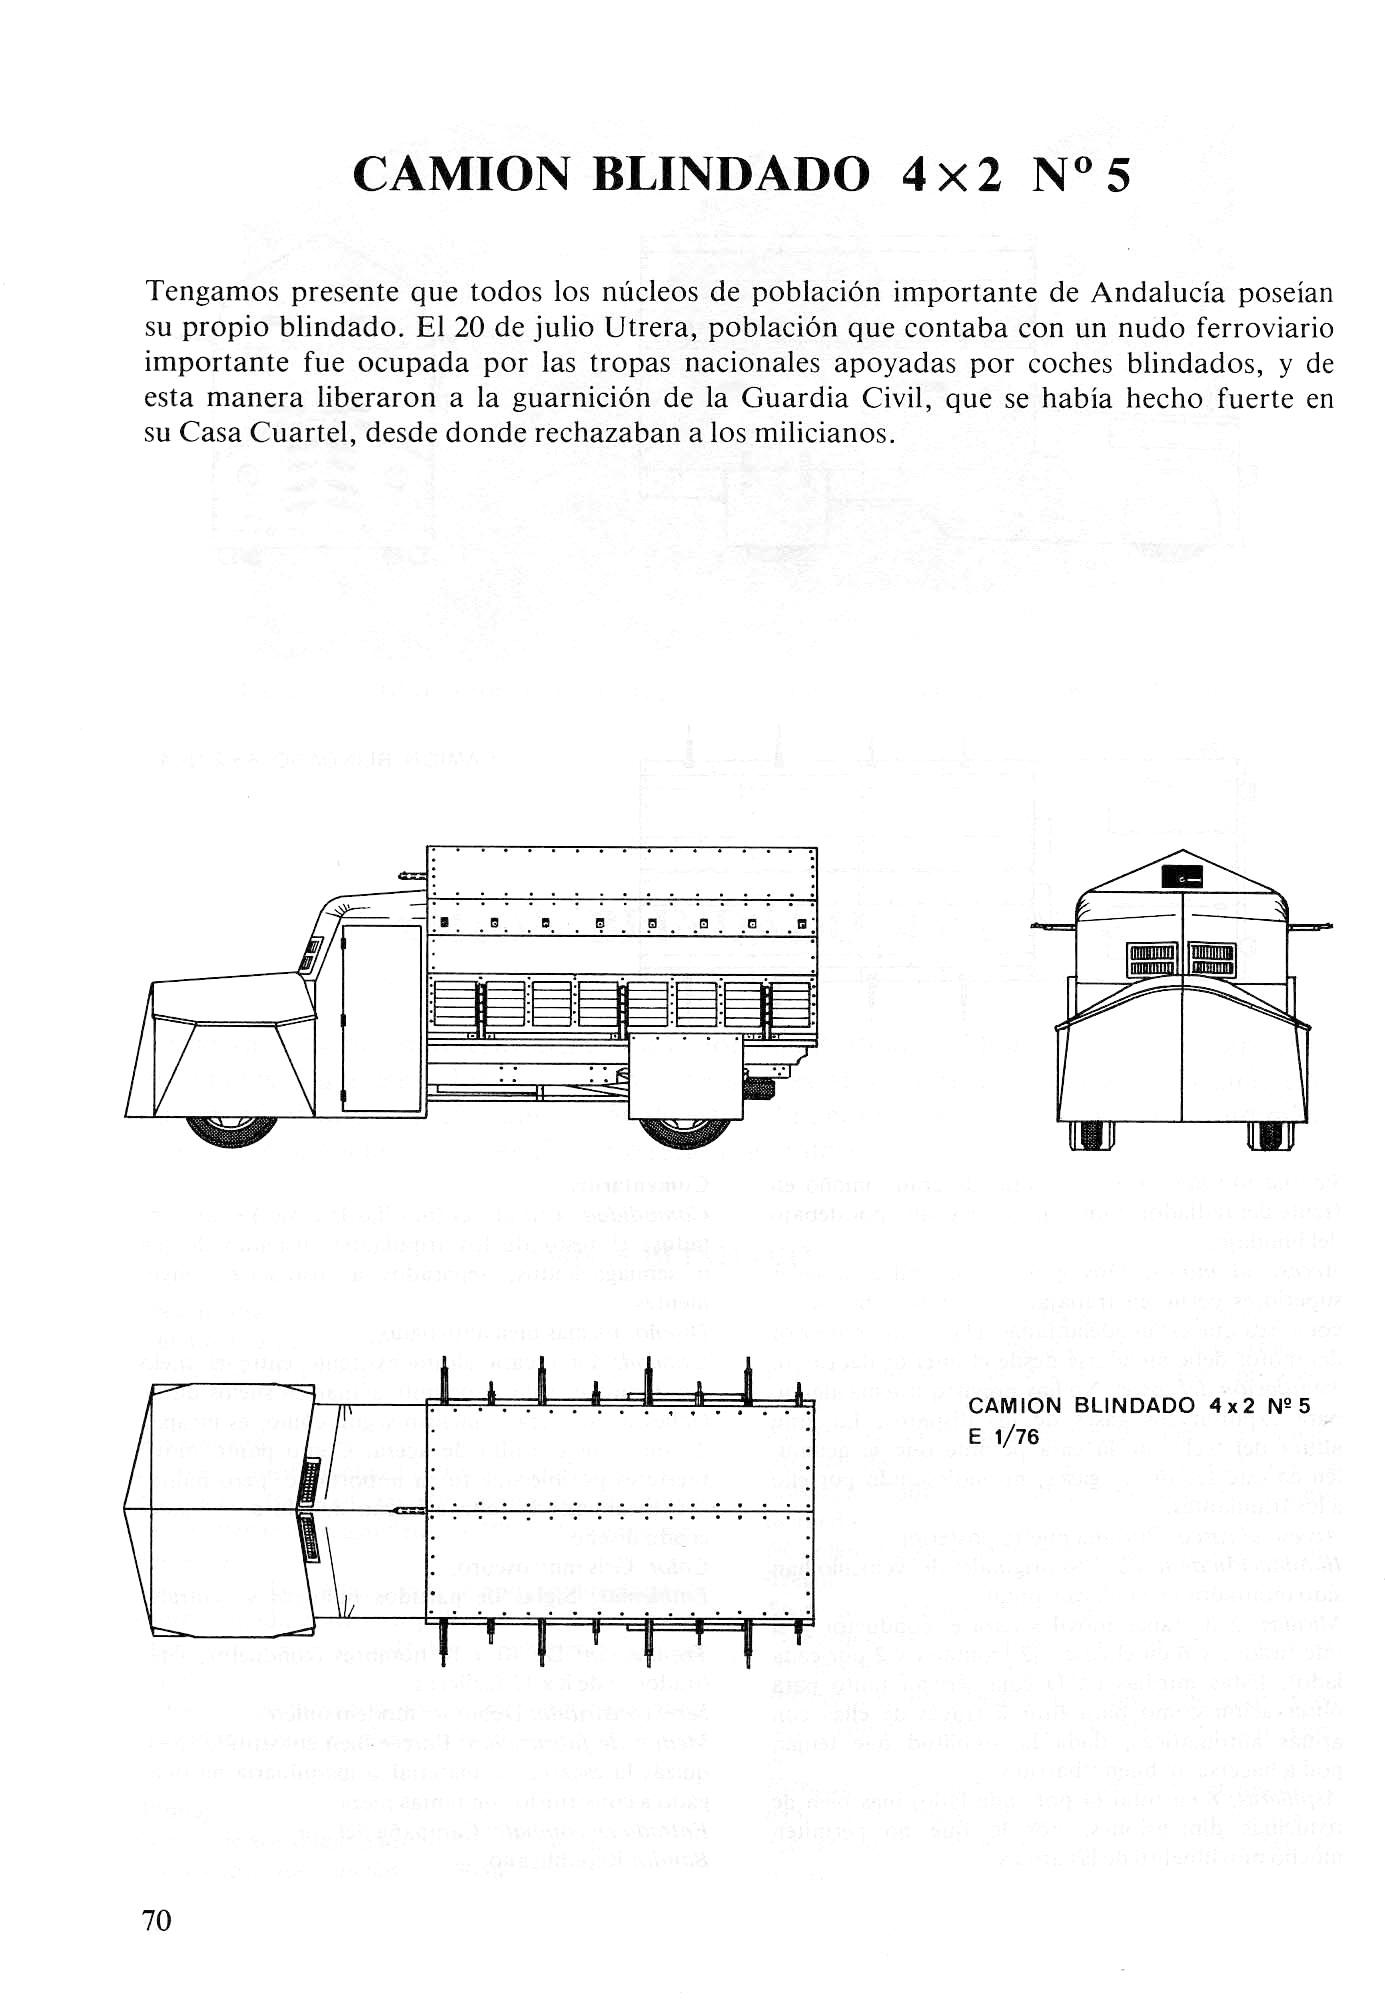 Carros De Combate Y Vehiculos Blindados De La Guerra 1936 1939 [F.C.Albert 1980]_Страница_068.jpg